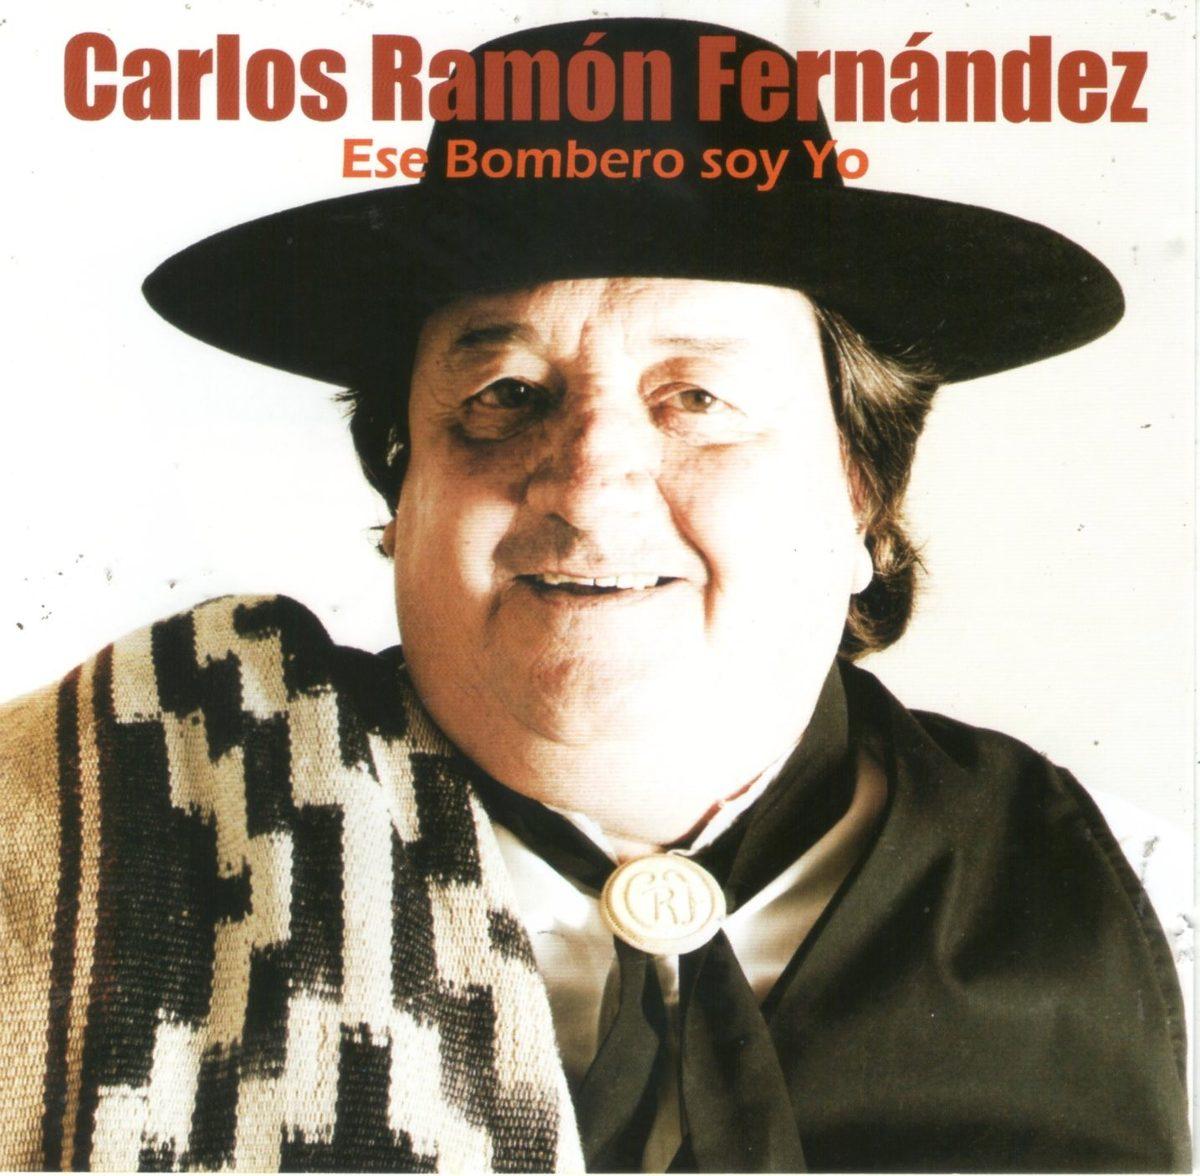 Descargar Gratis Discografia Anthony Cruz Download